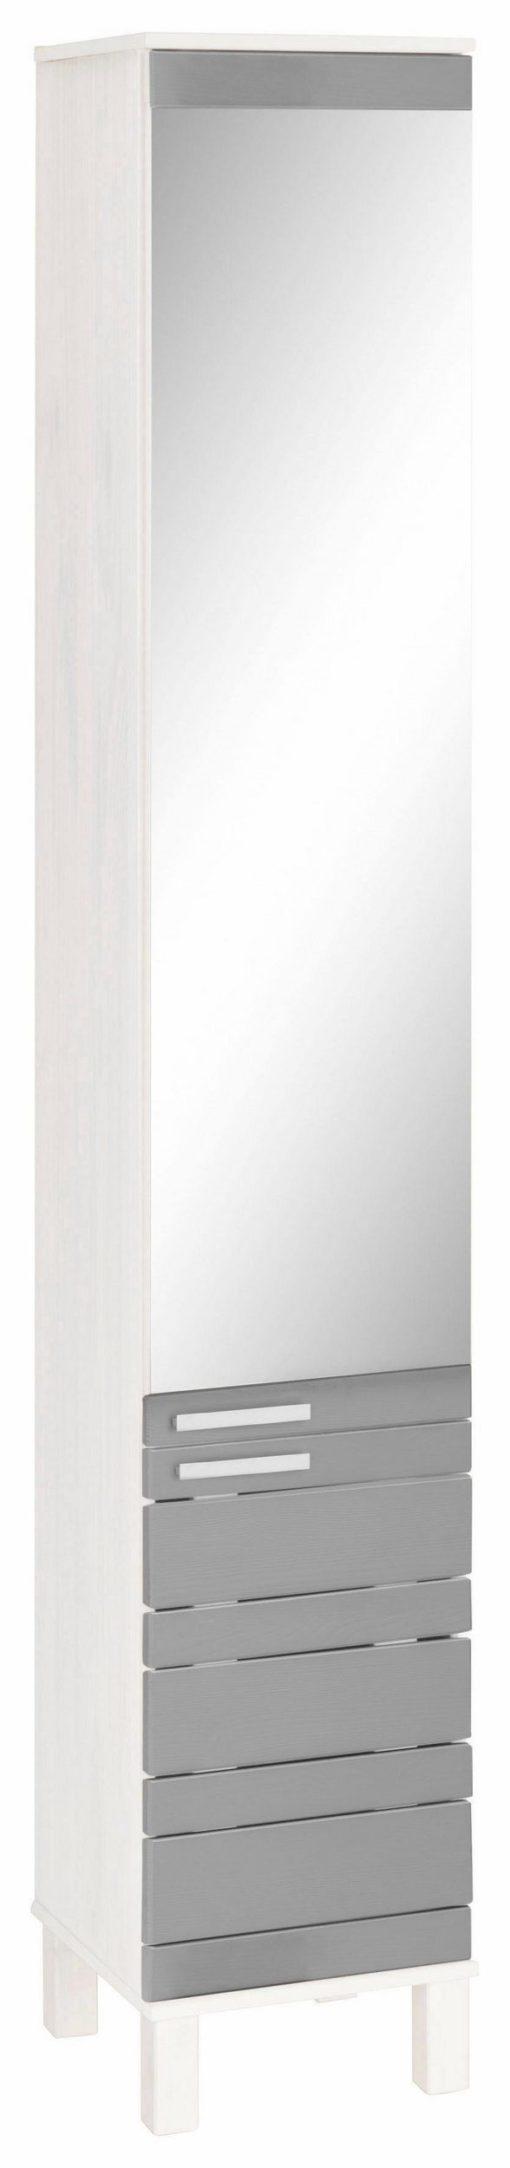 Praktyczna szafka-słupek z lustrem, sosnowa